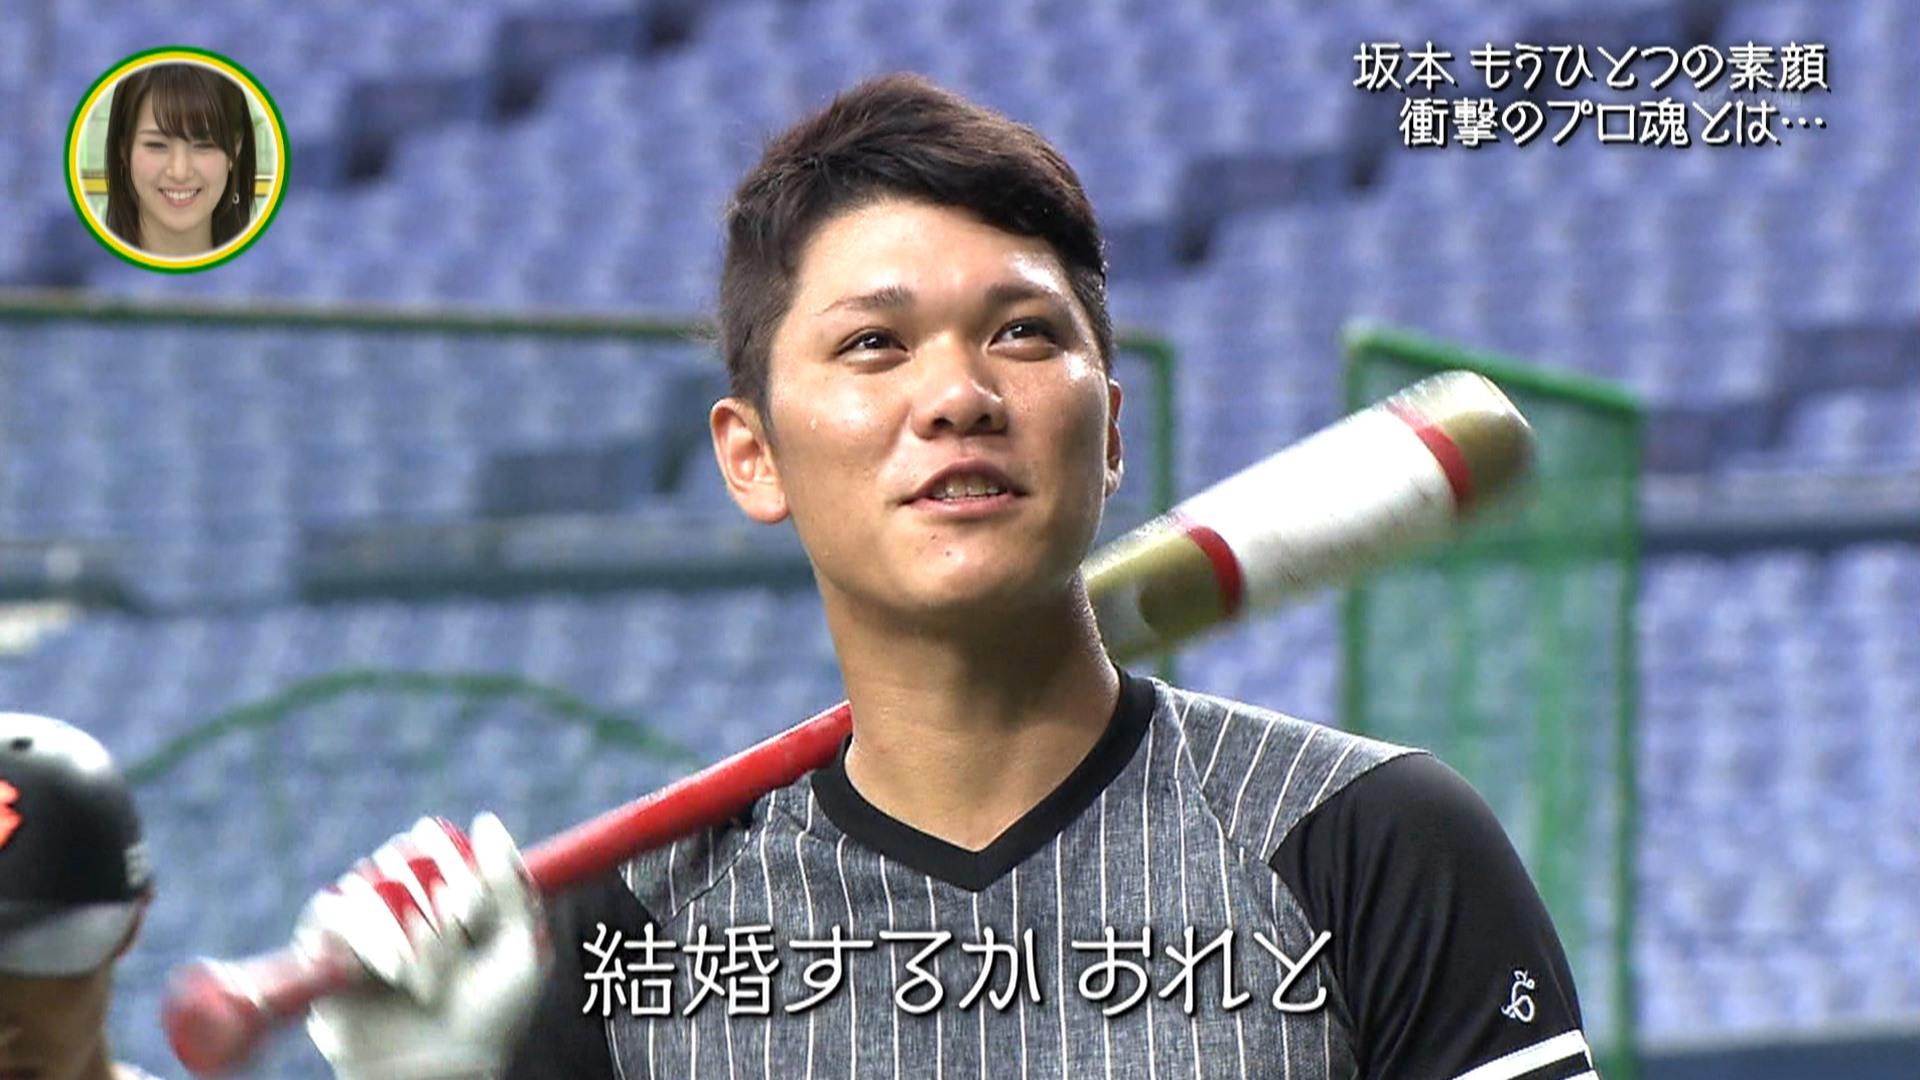 「坂本勇人 結婚するか俺と」の画像検索結果